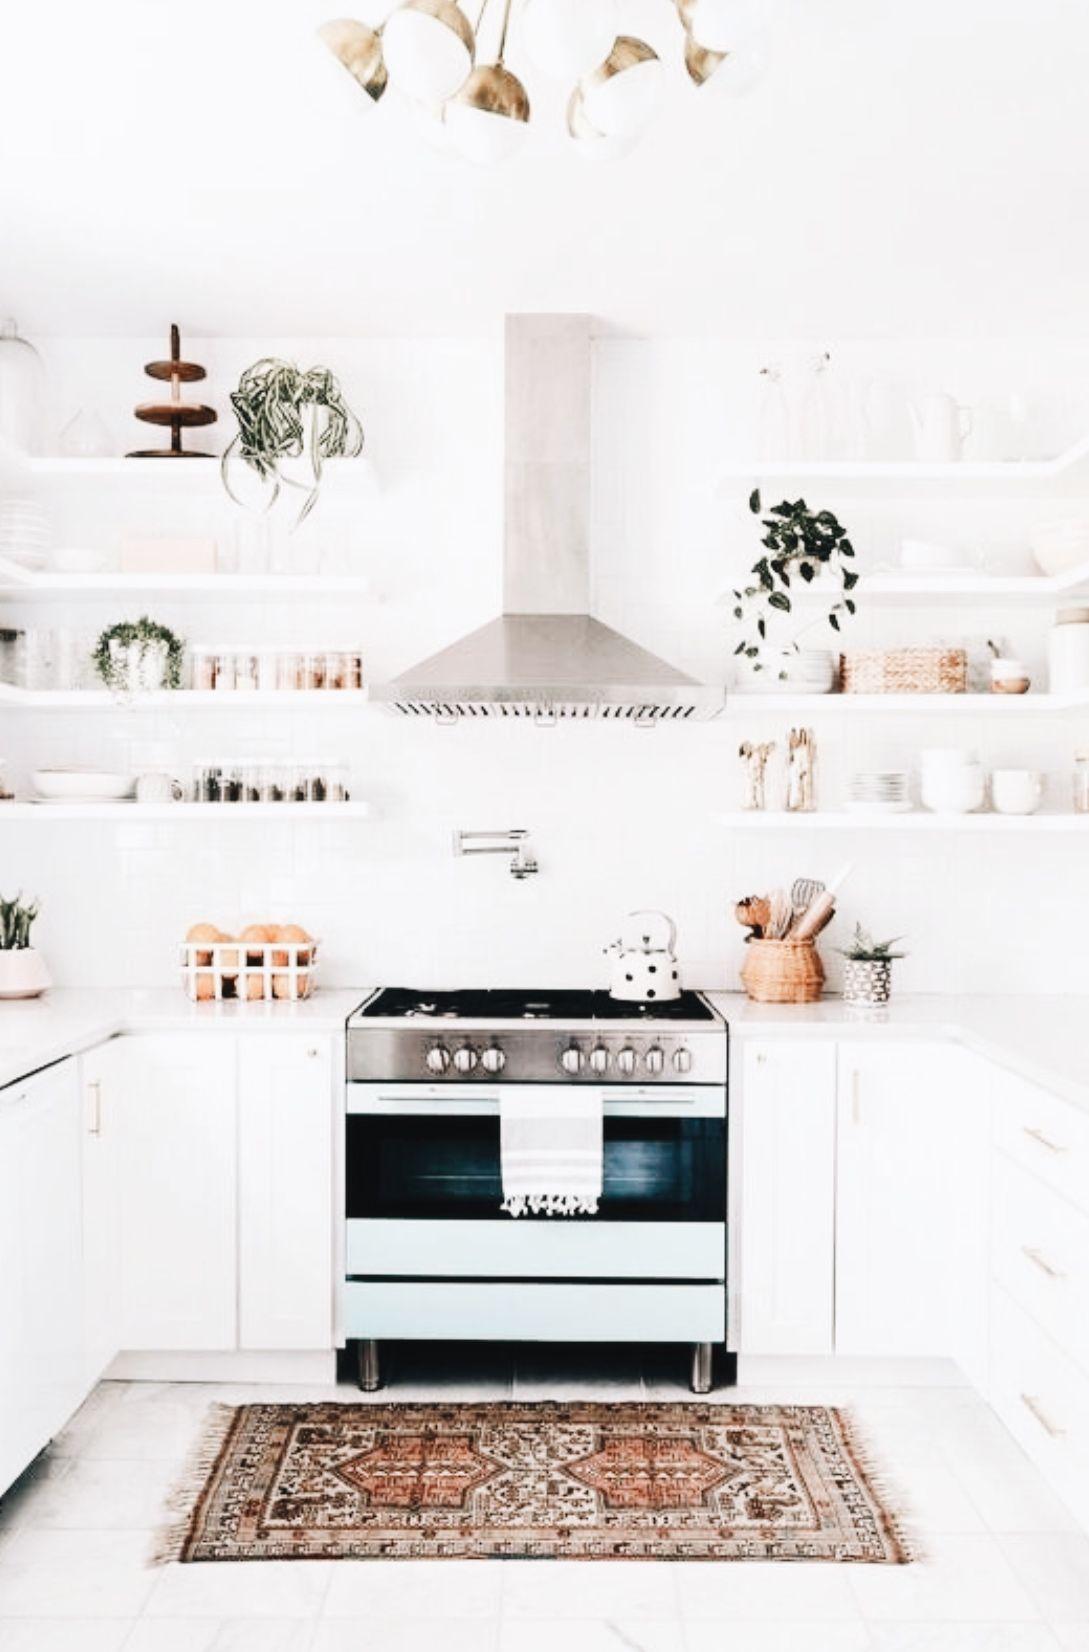 P i n t e r e s t sarahesilvester p i n t e r e s t sarahesilvester kitchen interior home interior design